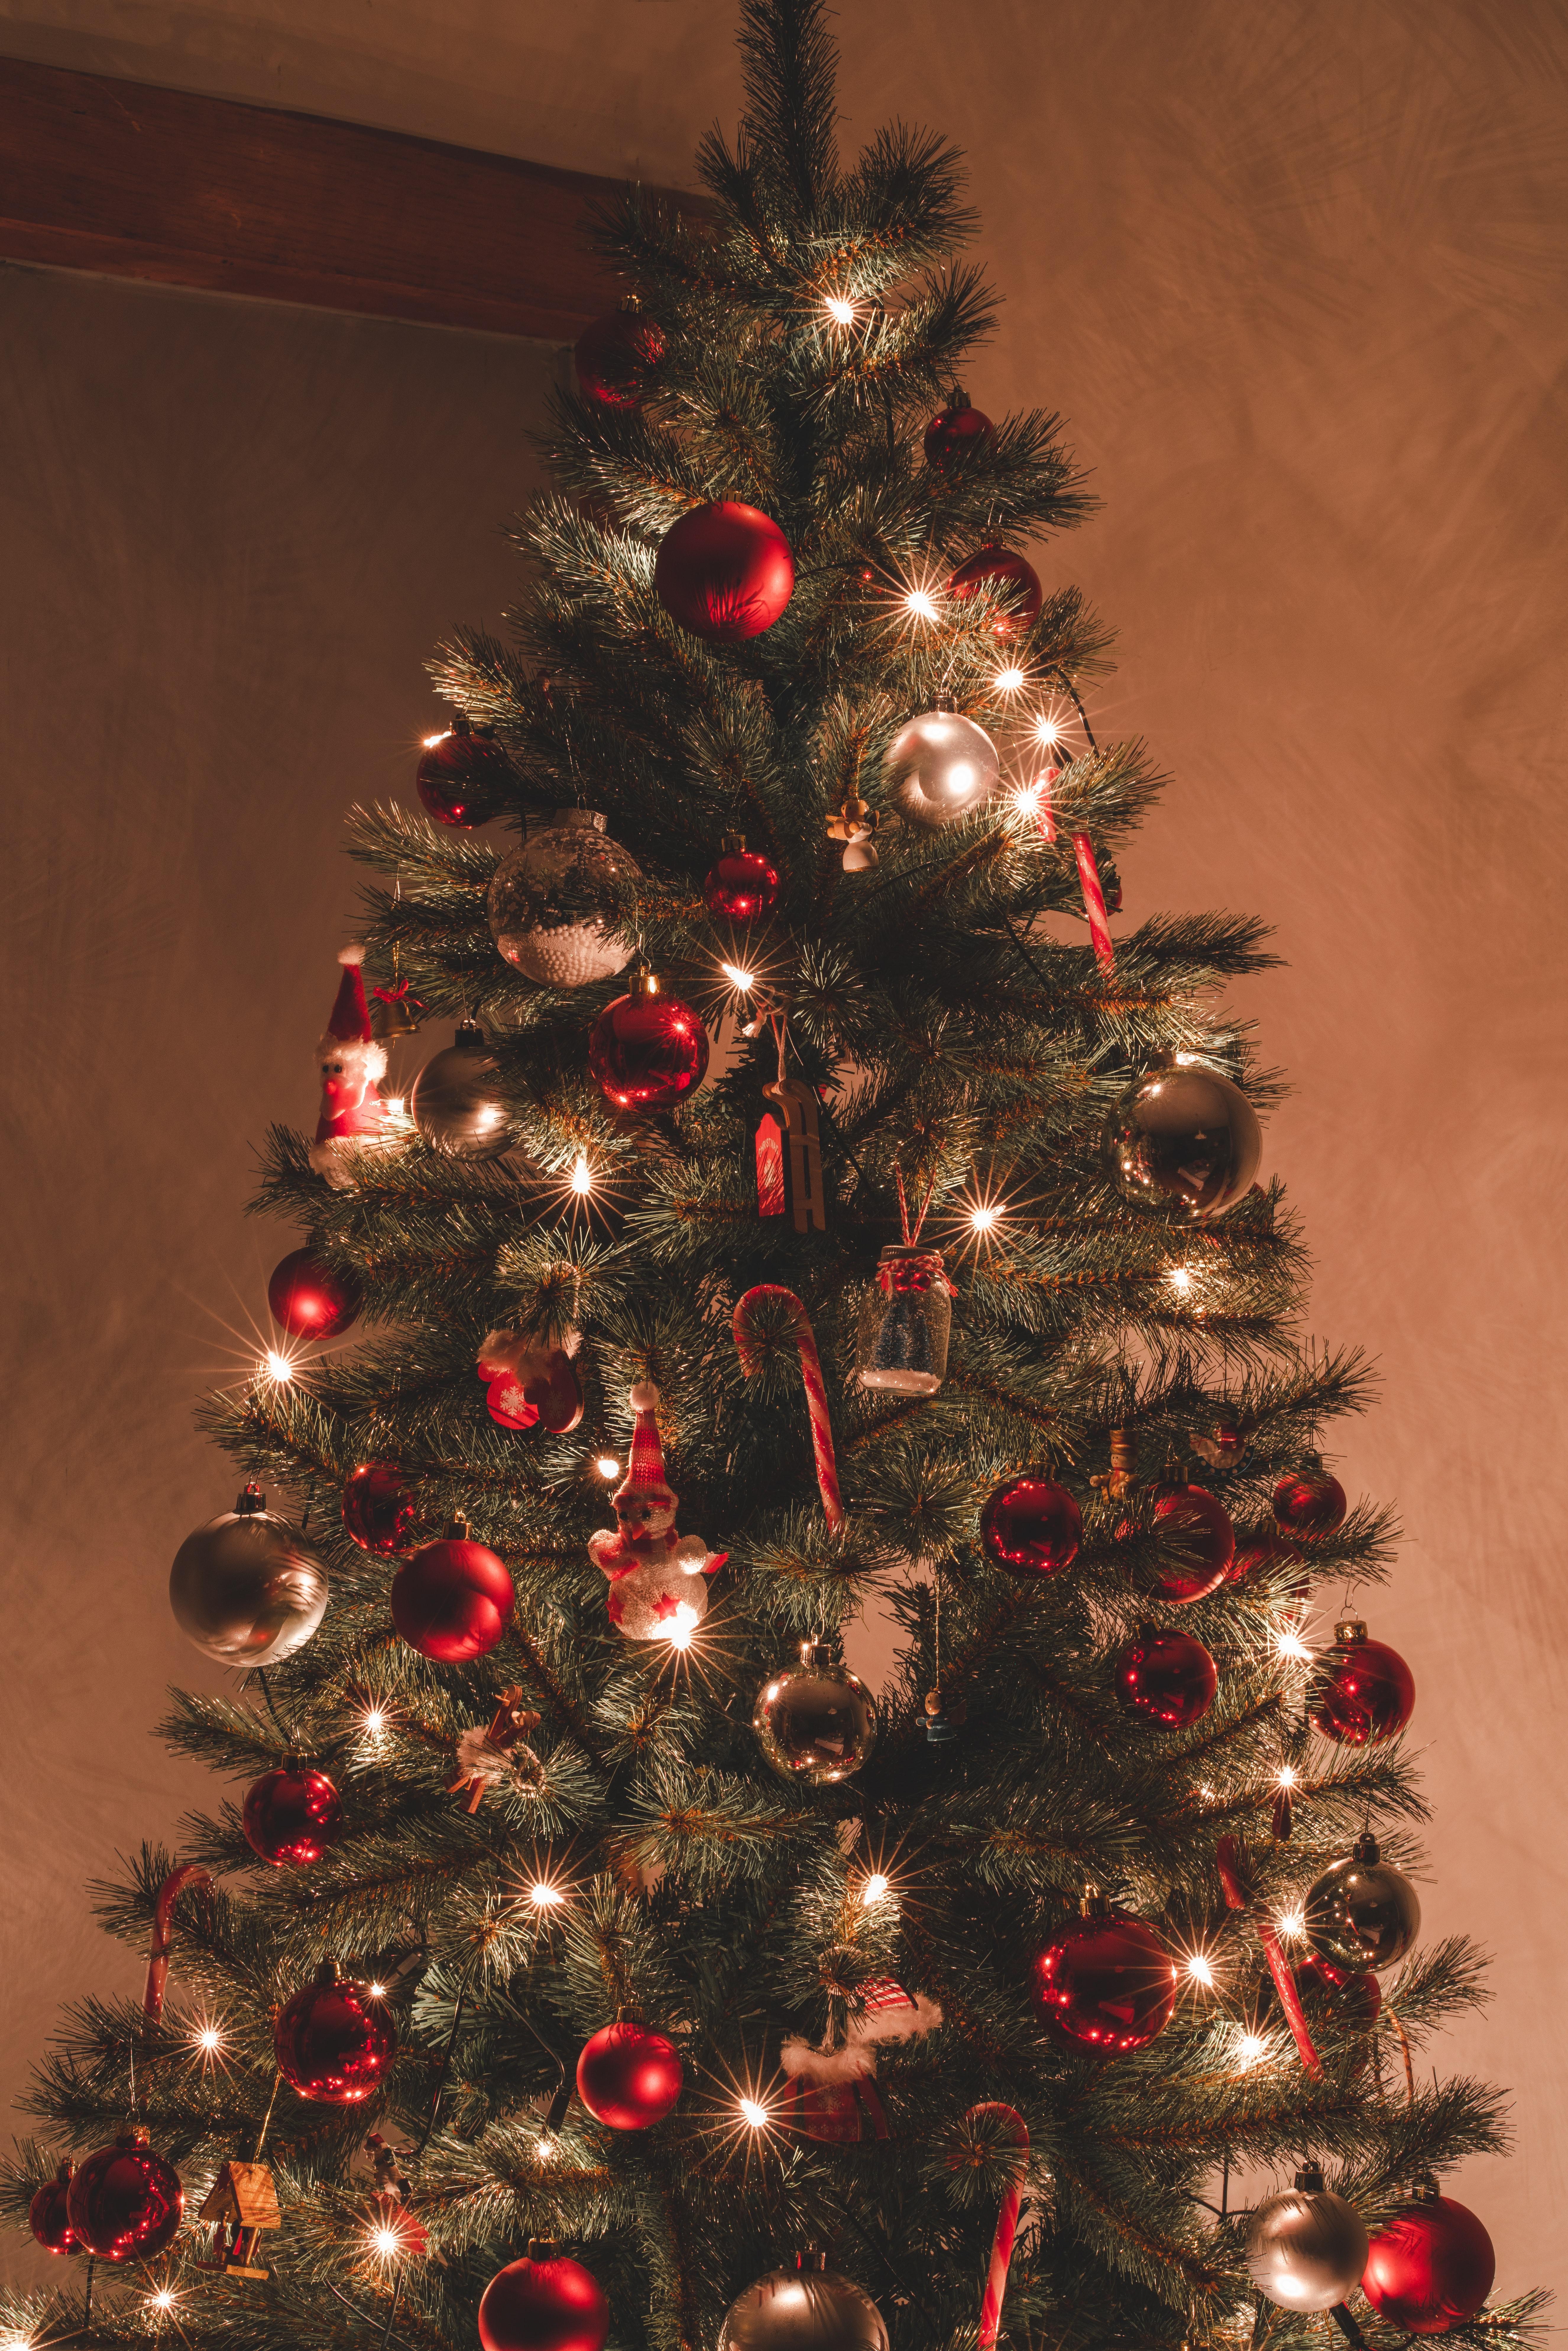 104155 скачать обои Праздники, Новый Год, Гирлянды, Украшения, Рождество, Праздник, Елка - заставки и картинки бесплатно